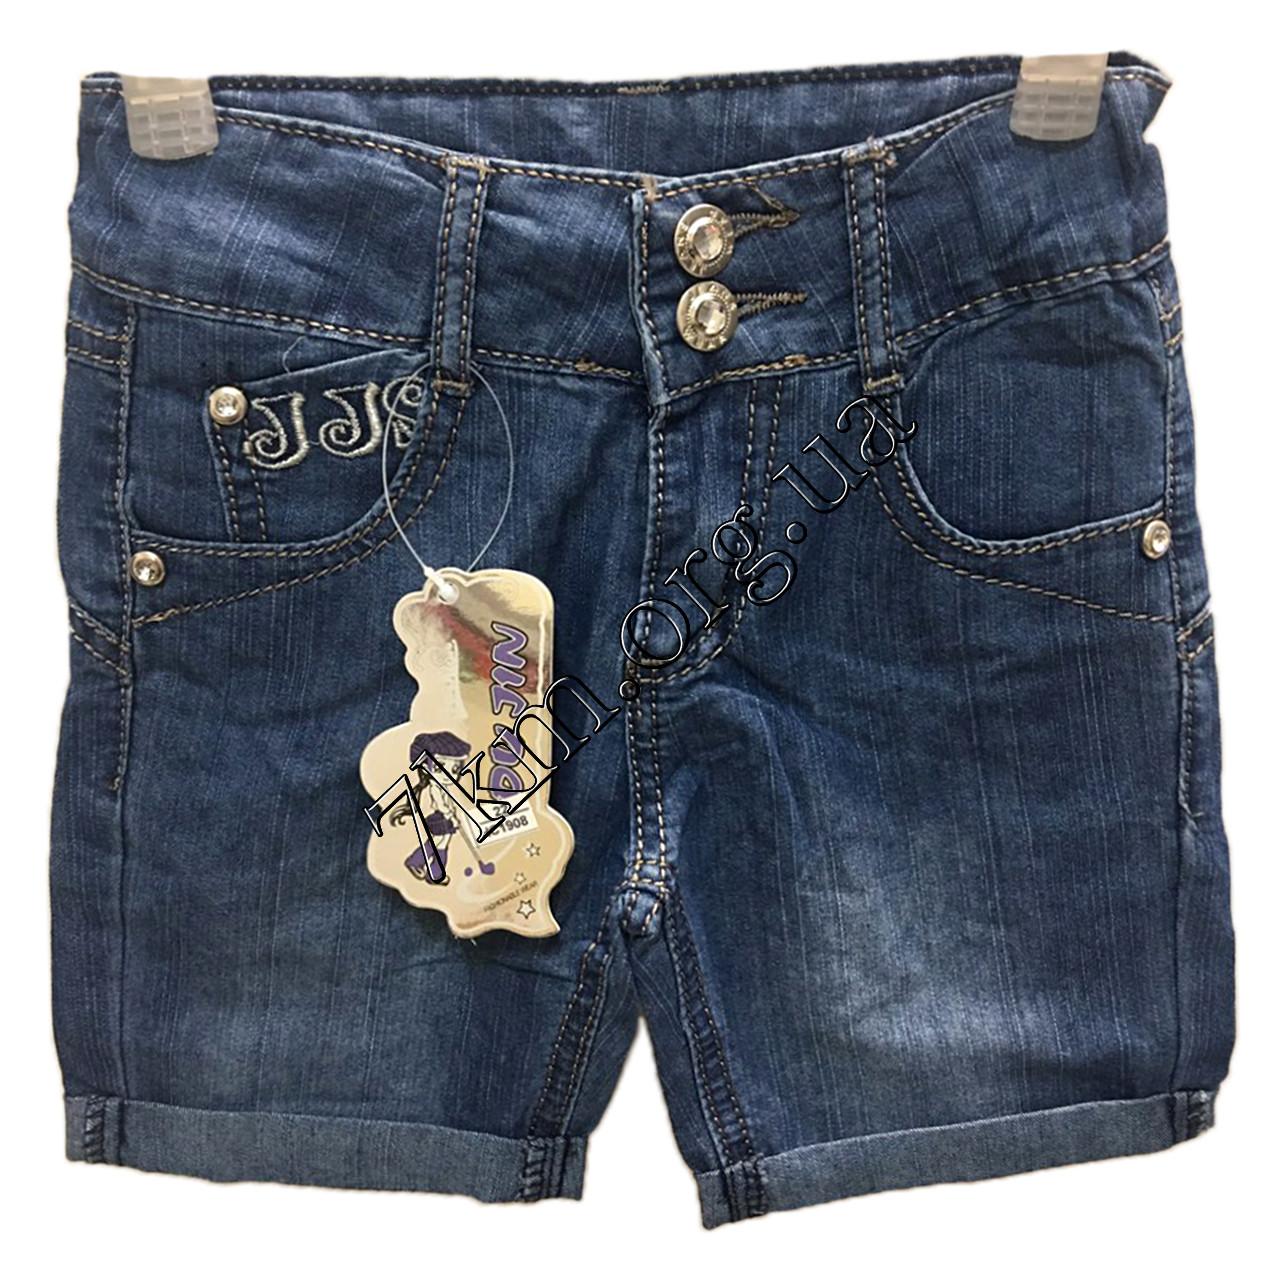 Шорты джинсовые для девочек 20-30 р.р. Оптом HC 1908